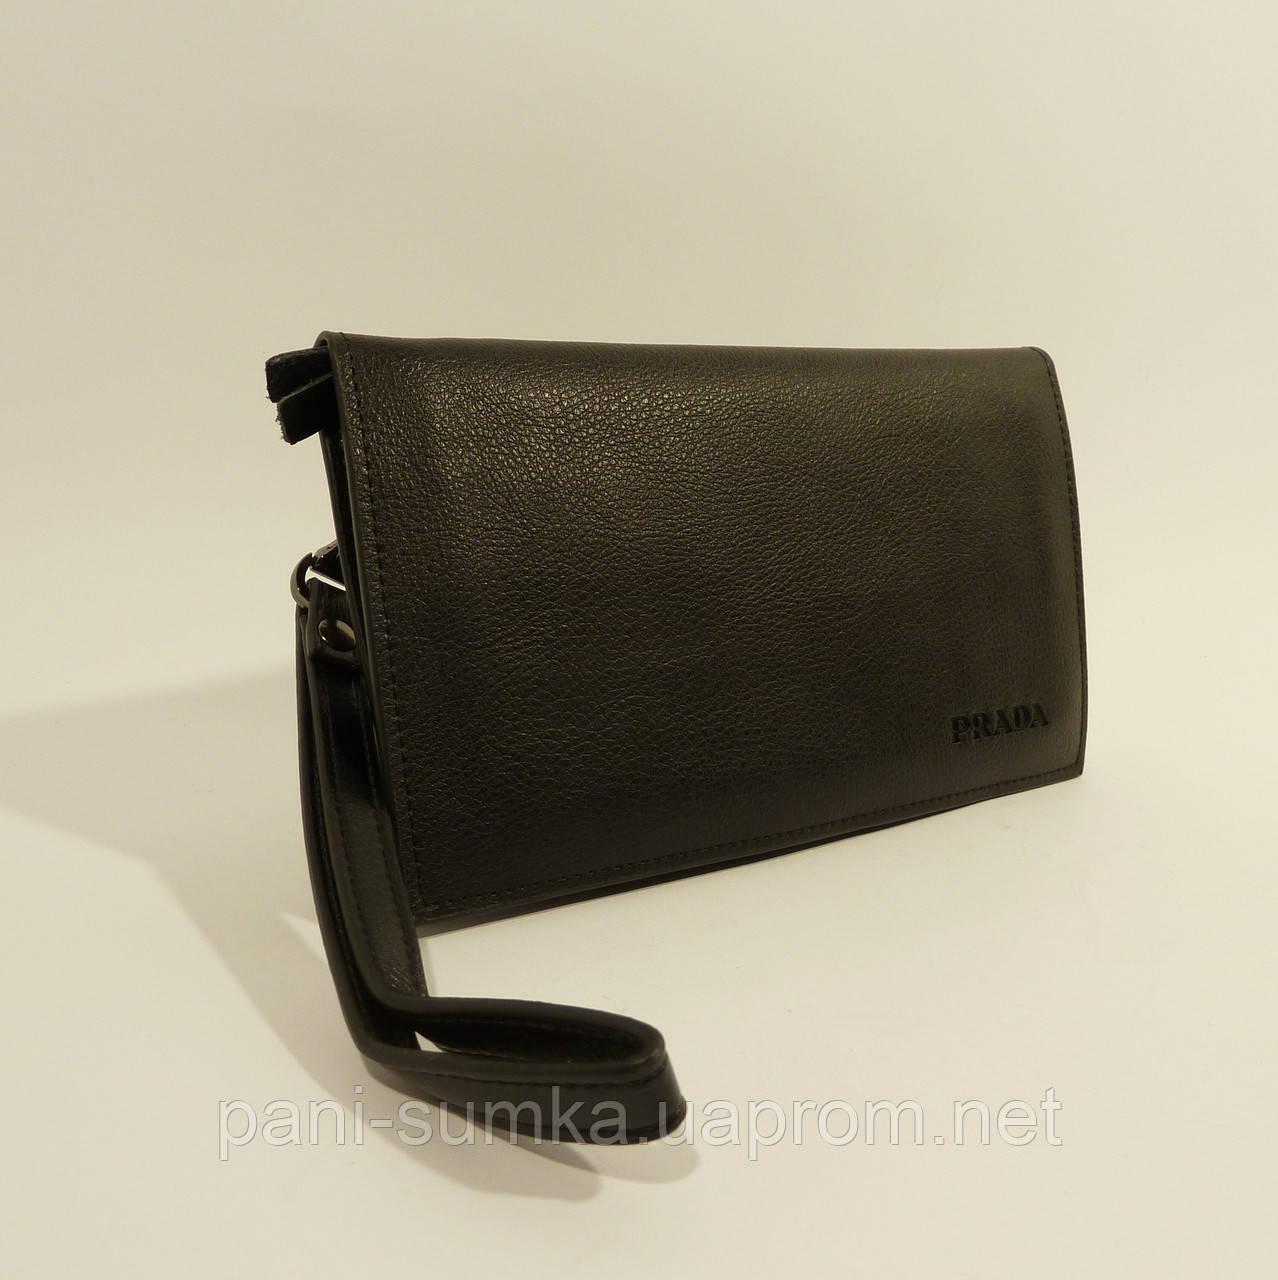 22dc26baee14 Мужской кожаный клатч, портмоне Prada черный, расцветки в наличии -  Интернет магазин